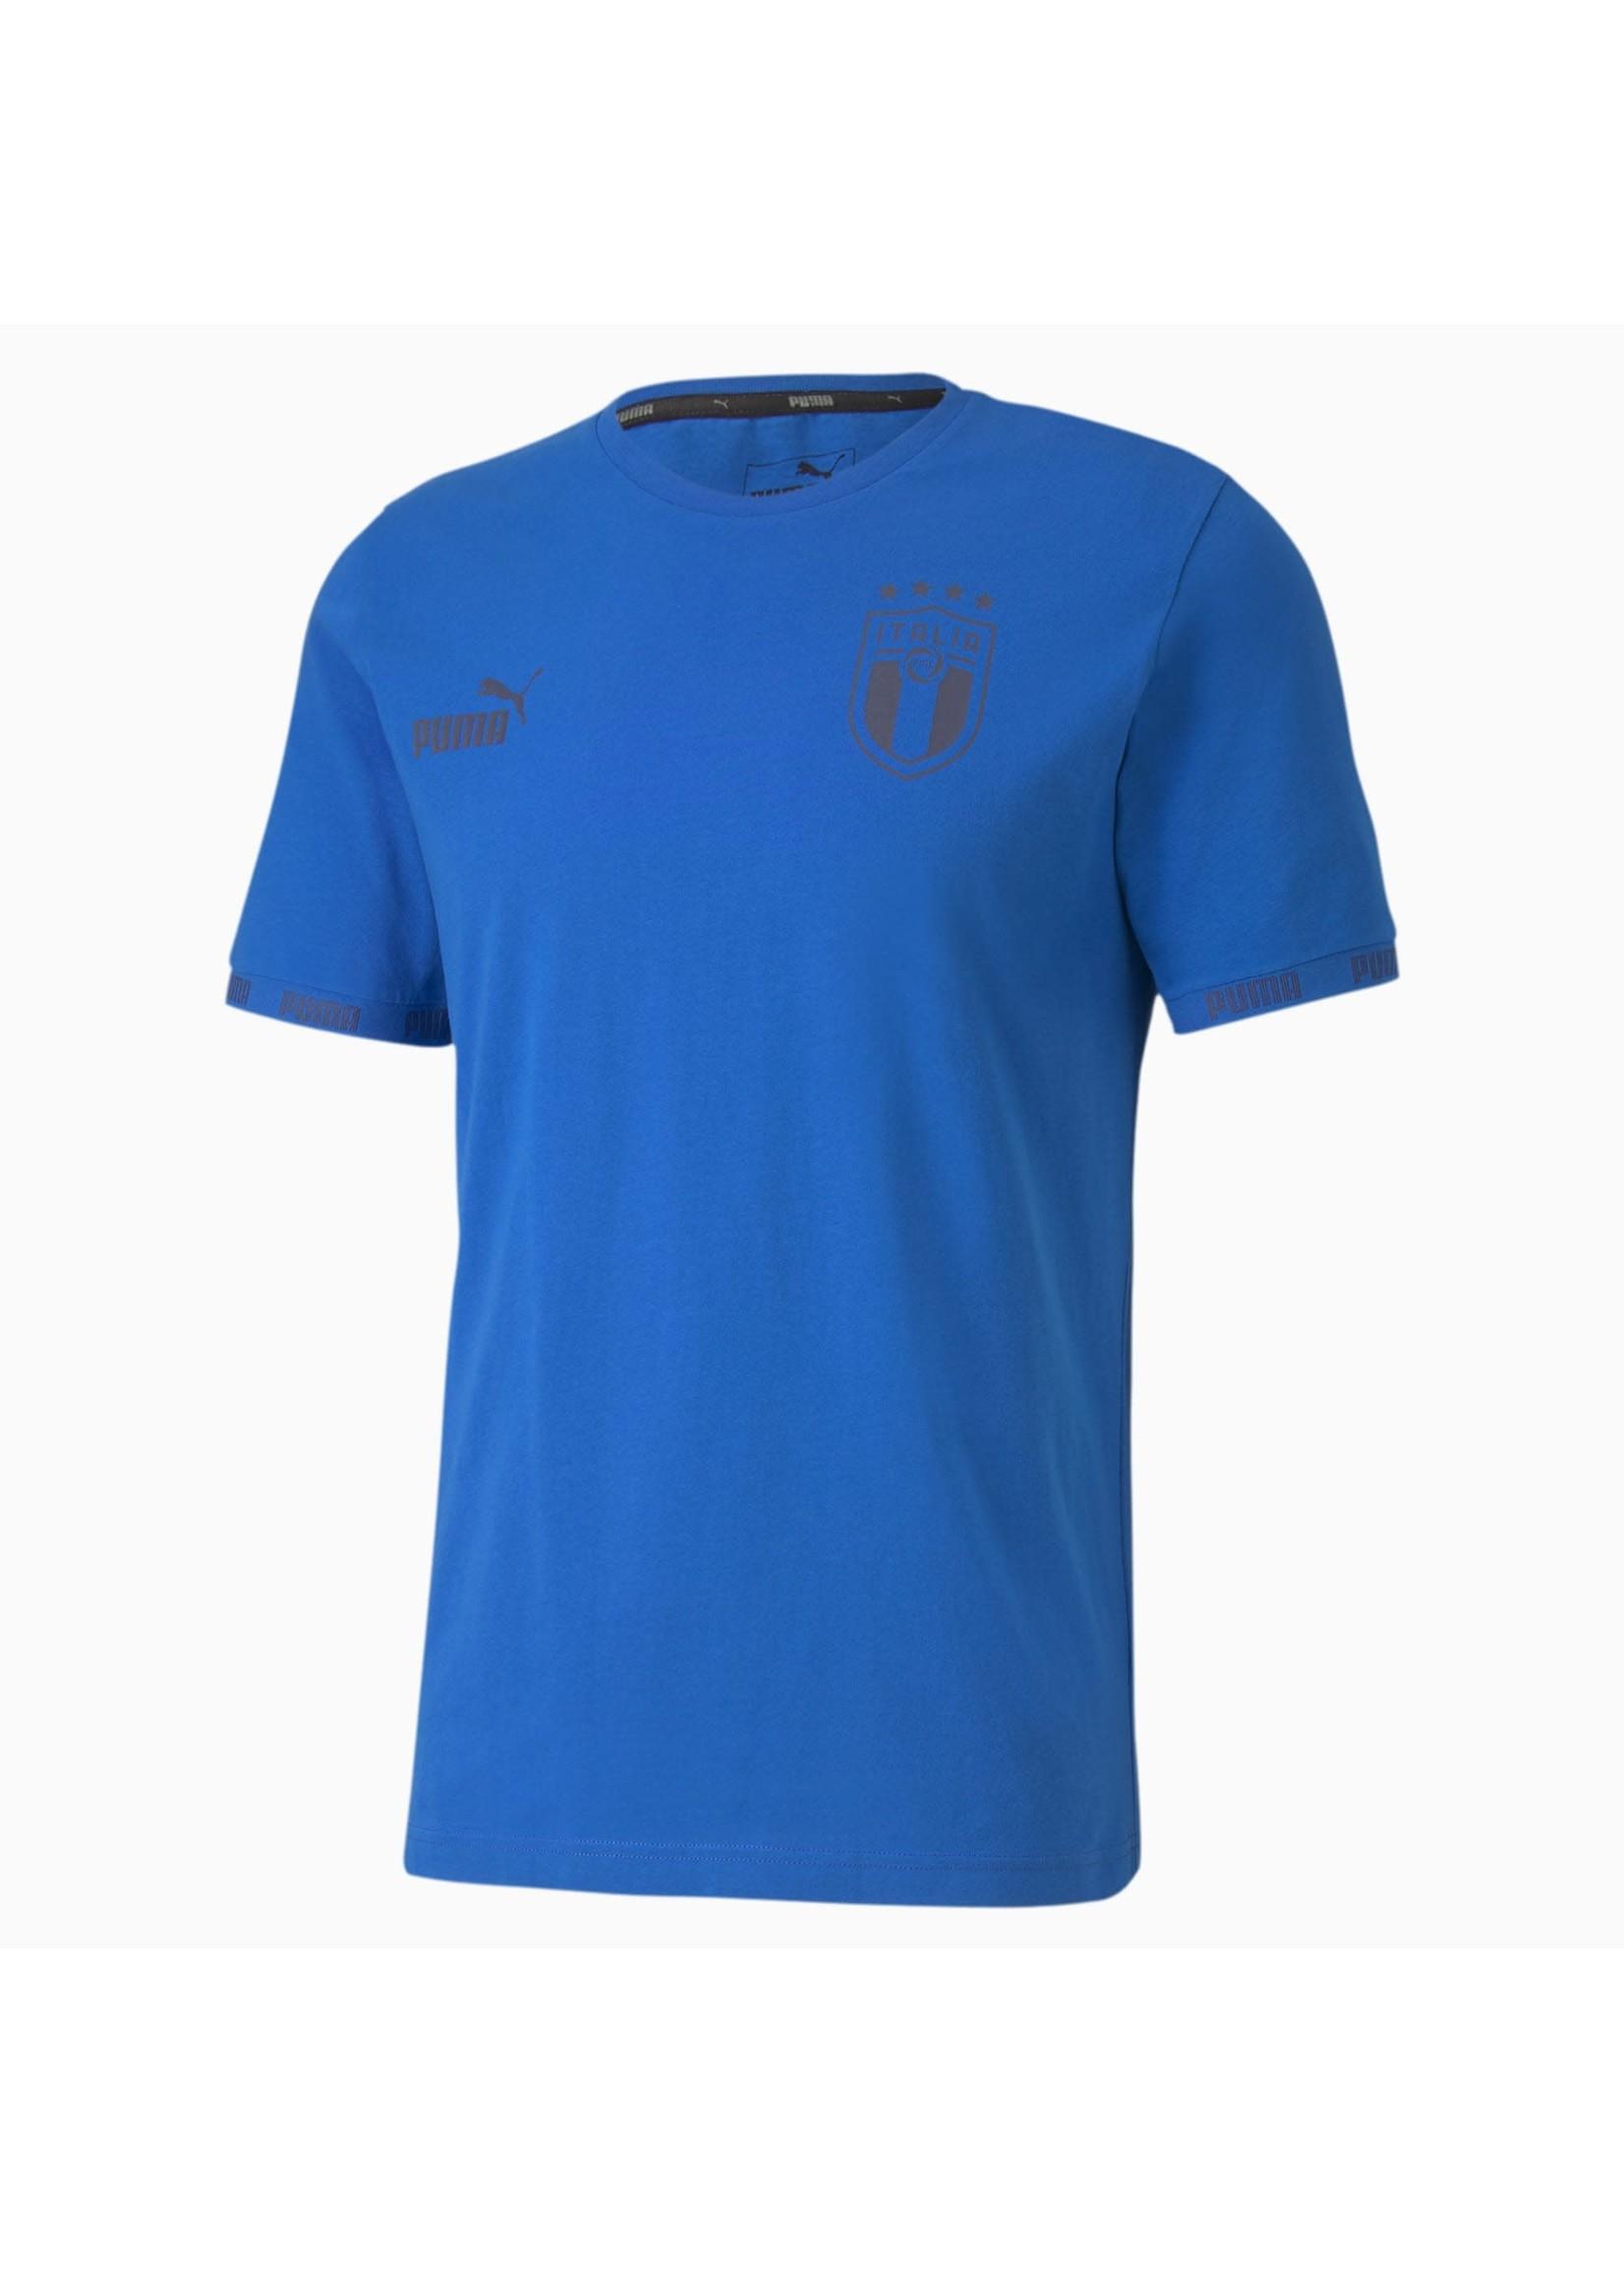 Puma Italy T-Shirt - 757245 01